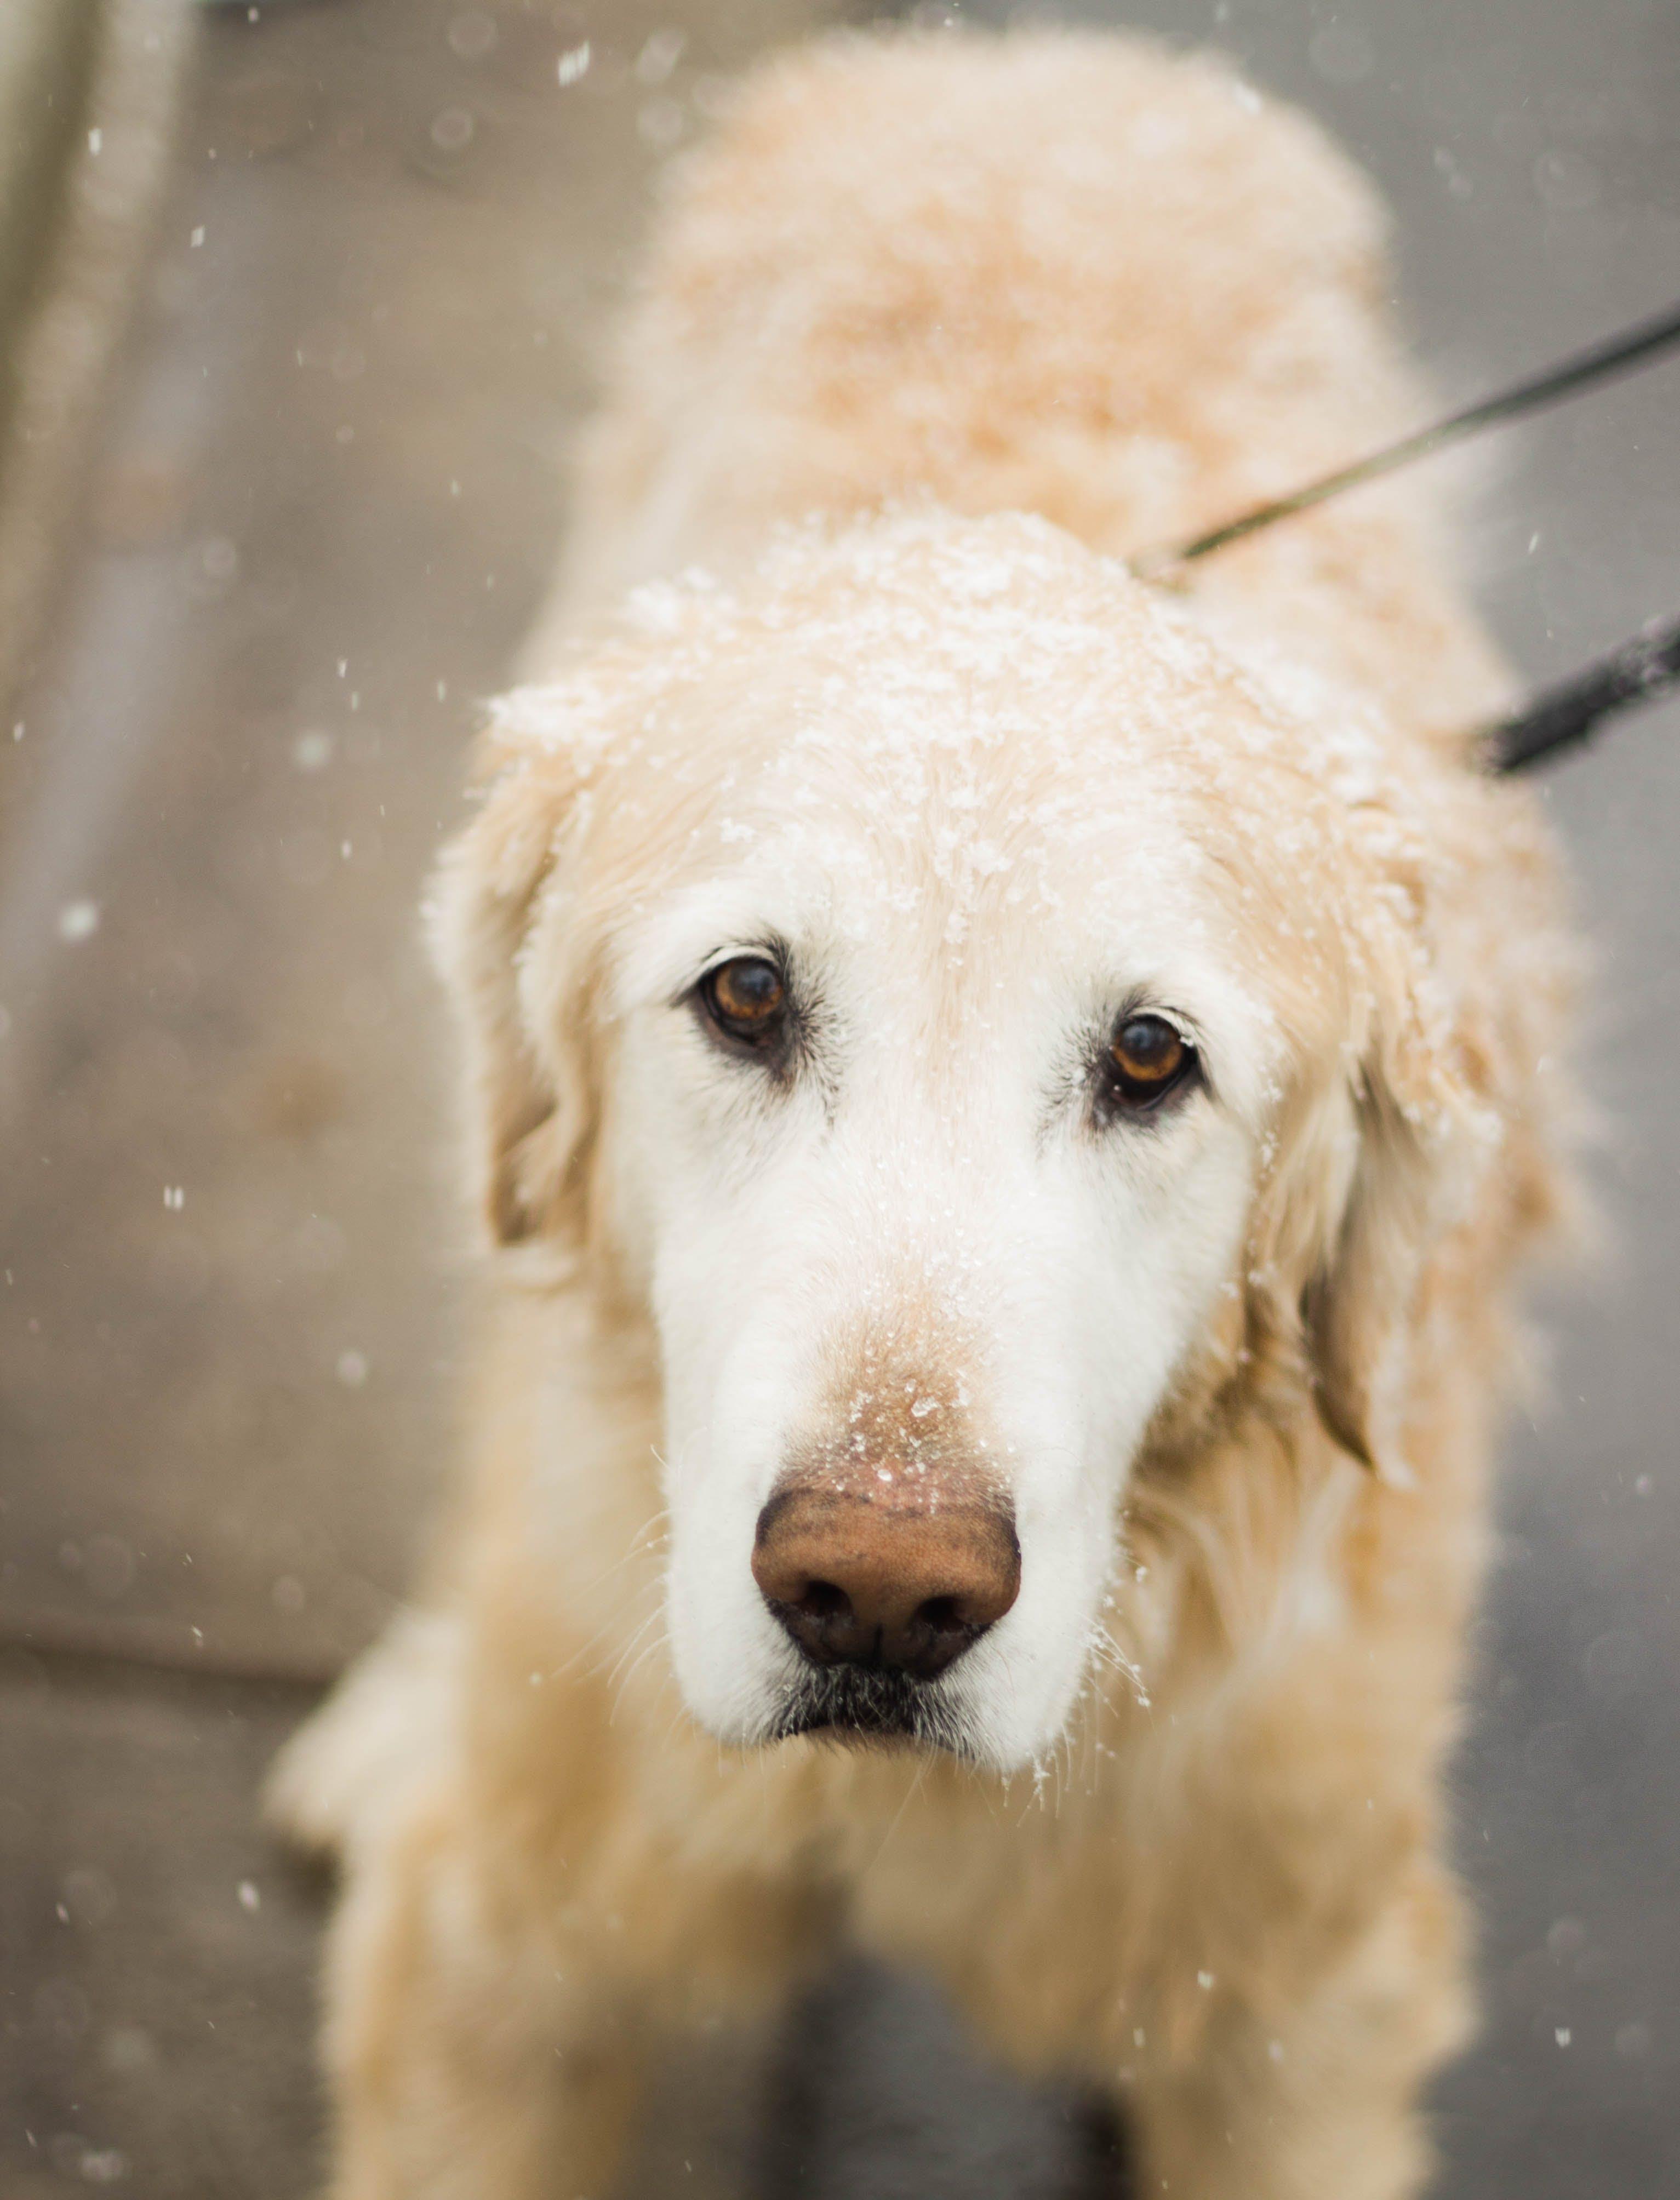 White Long Coated Medium Size Dog With Black Lace